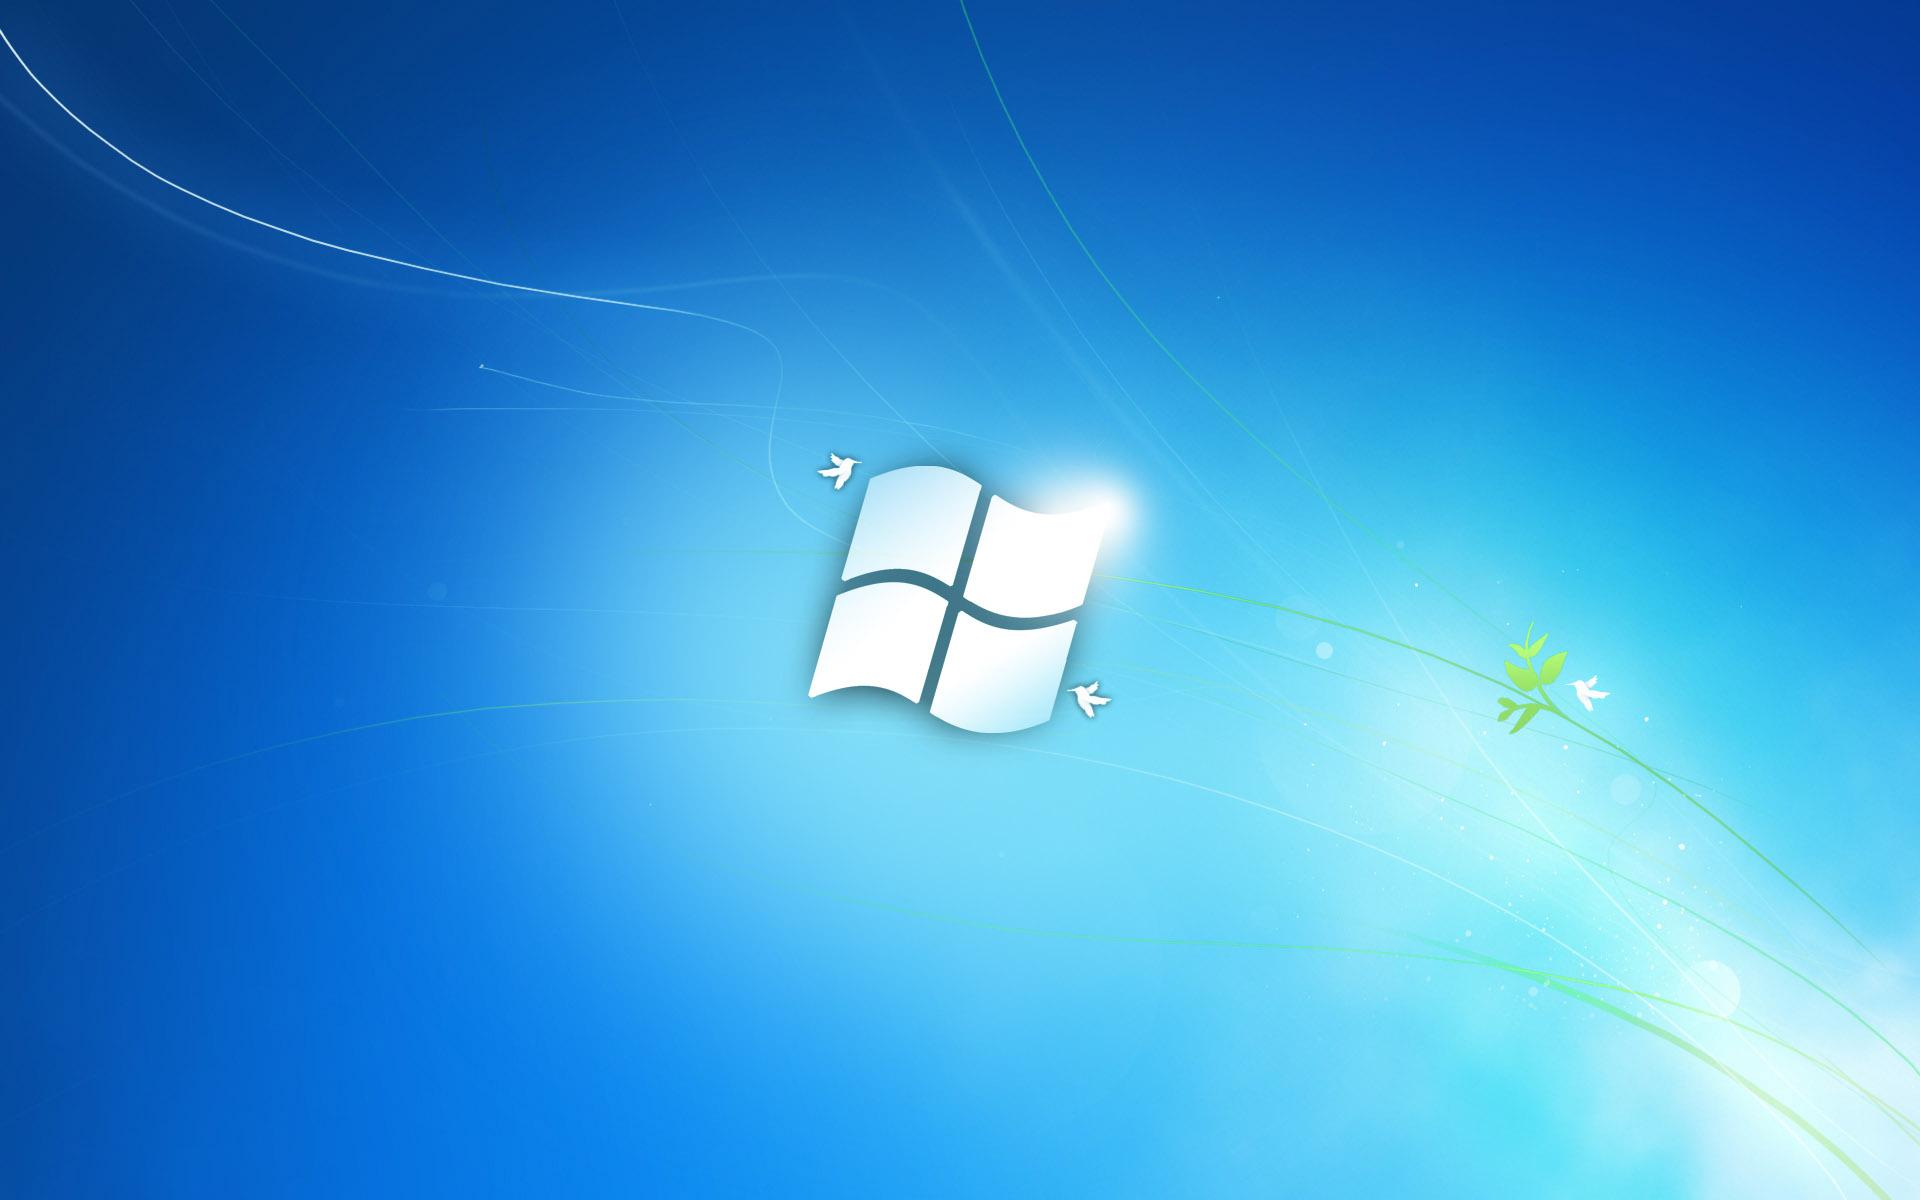 скачать обои для windows 7: